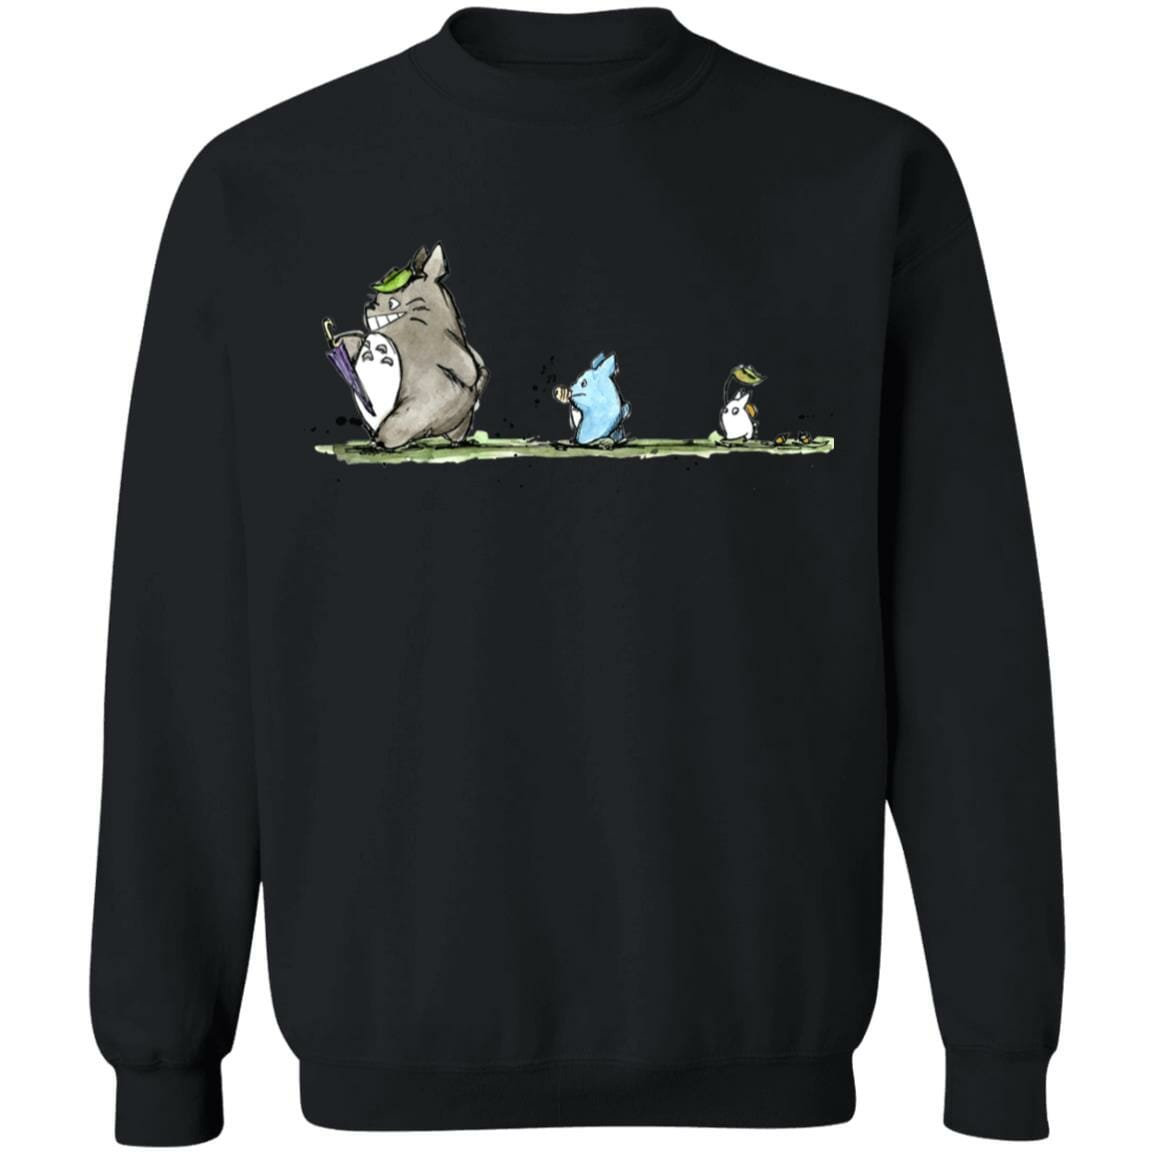 Totoro Family Parade Sweatshirt